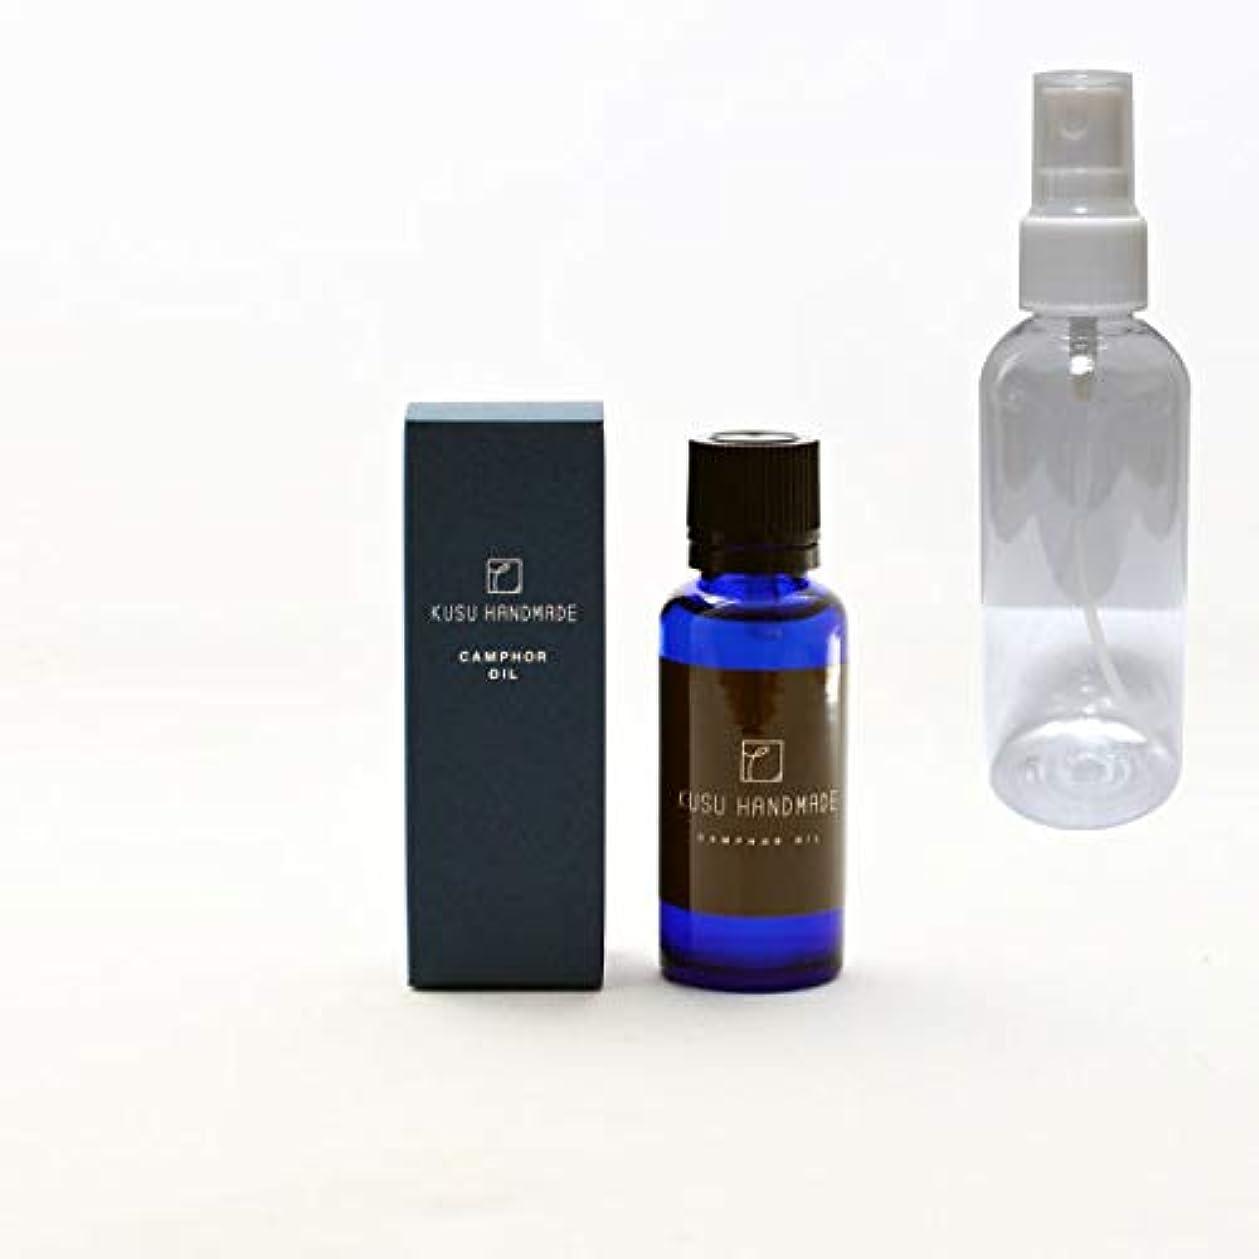 ロール密接に特徴づけるKUSU HANDMADE カンフルオイル 30ml くすのき油 樟脳油 エッセンシャルオイル アロマバス 虫除け 便利なスプレーボトルセット